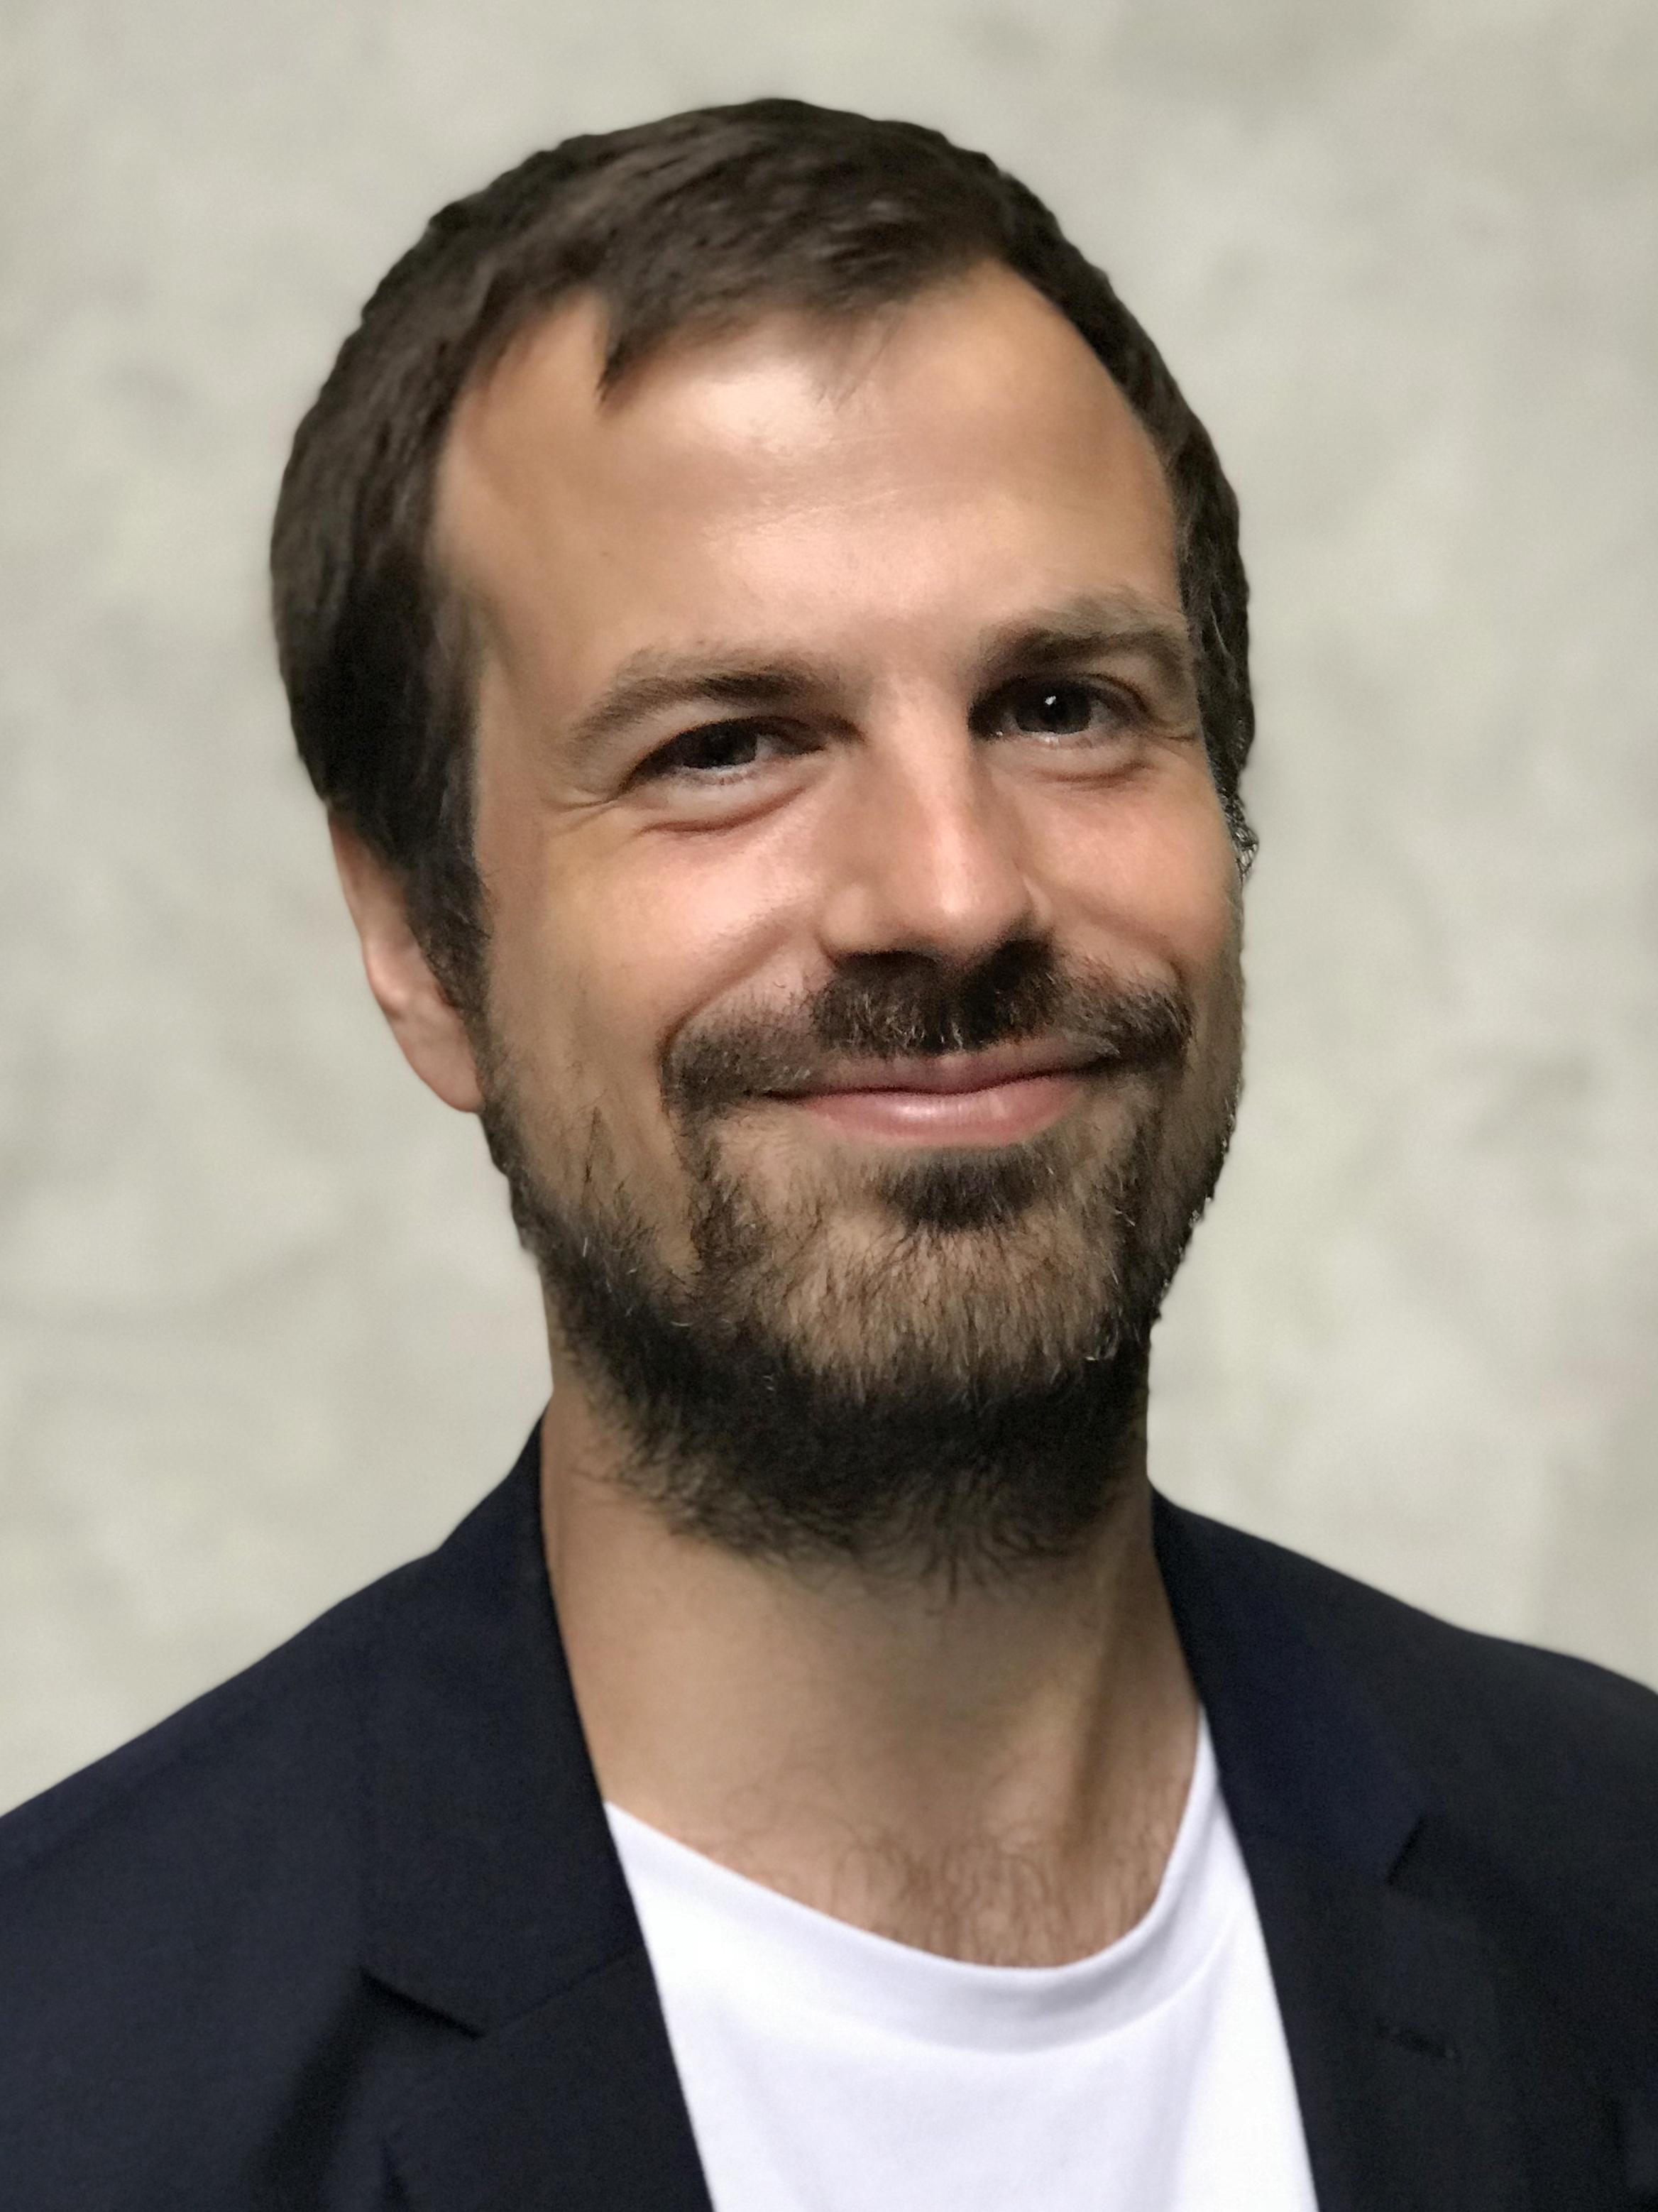 Dr. Moritz Börnert-Ringleb